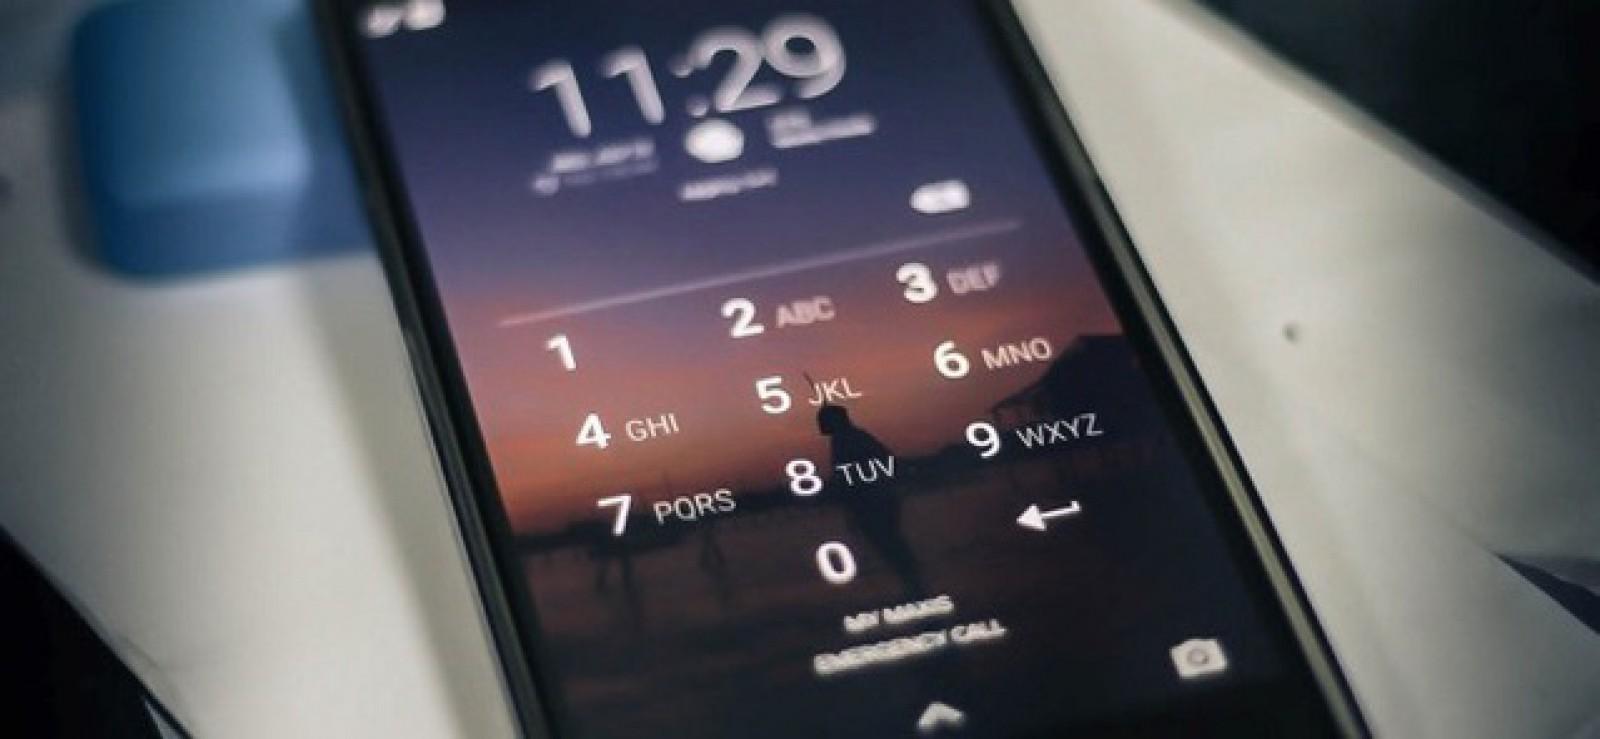 Hoţii de telefoane mobile aprobă: jumătate dintre utilizatori nu îşi protejează dispozitivele cu parole